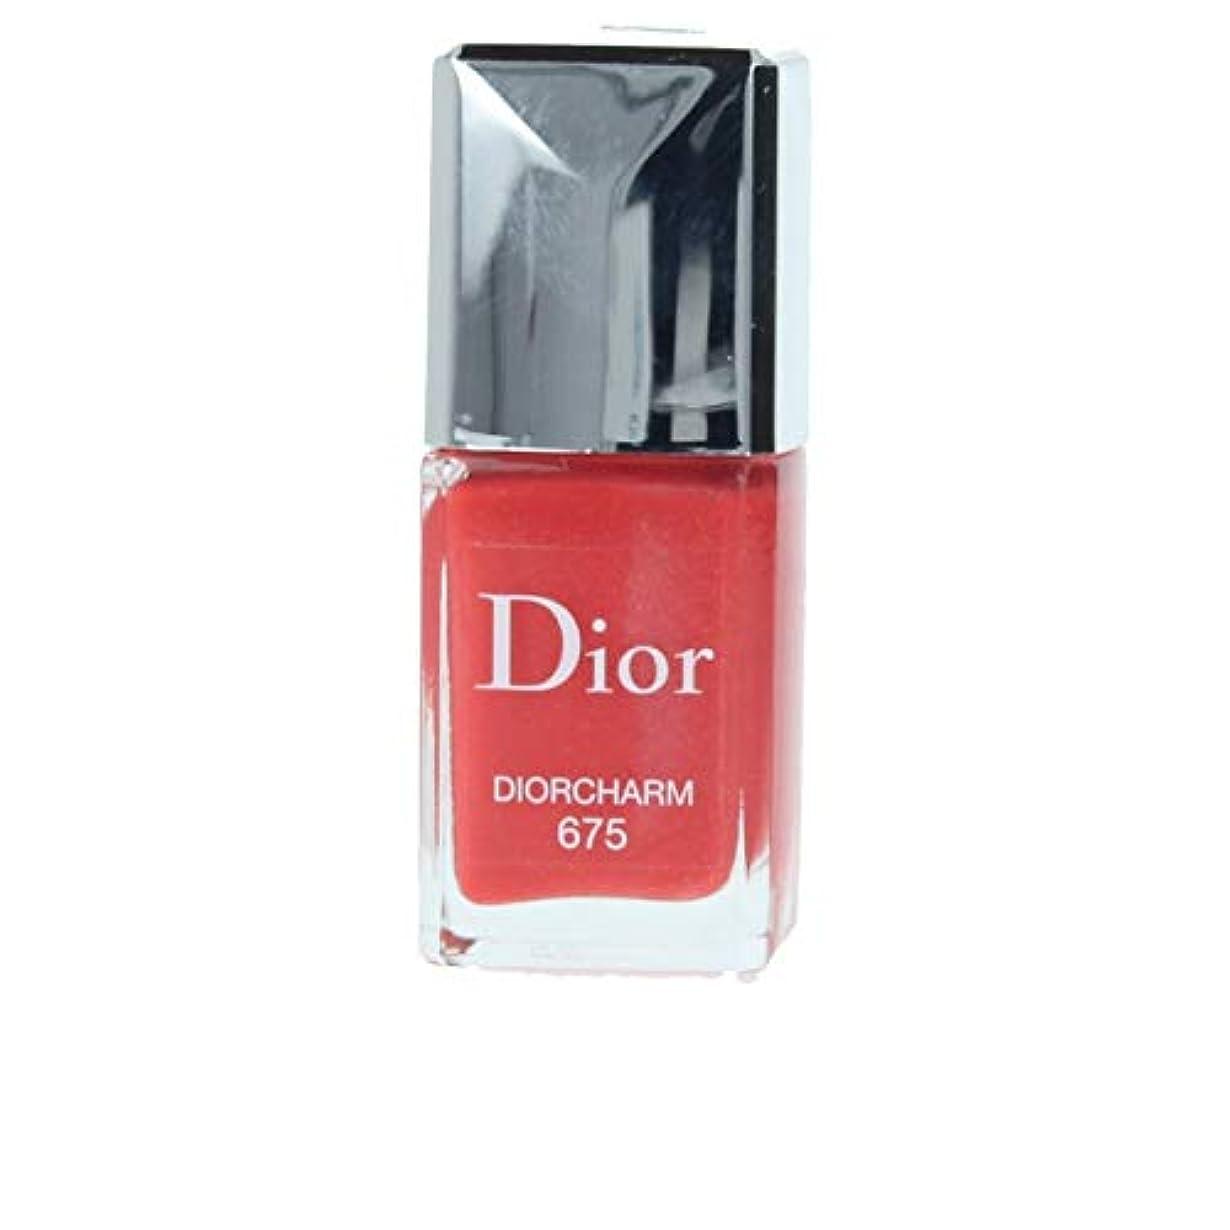 ウィザード微妙年金受給者Dior(ディオール) ディオール ヴェルニ 19 ステラーシャイン限定 10ml (675 ディオールチャーム)